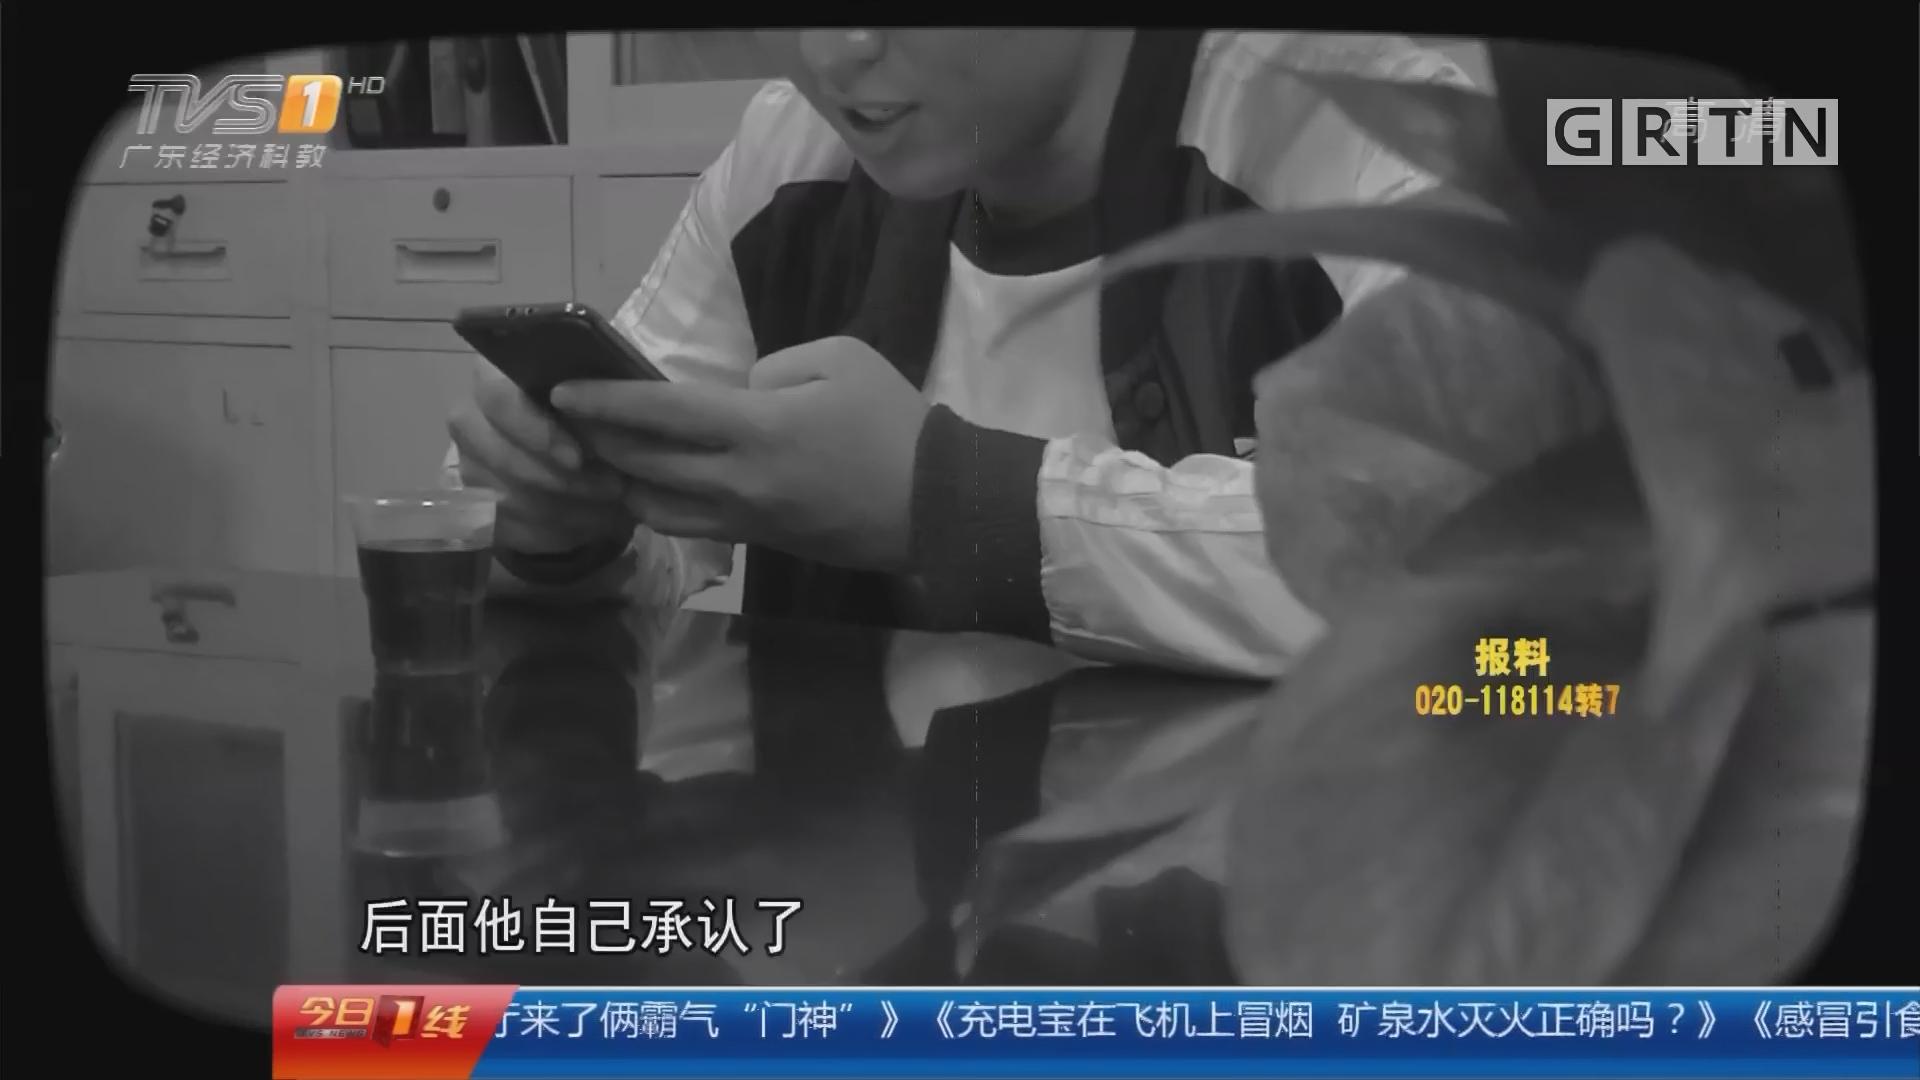 广州花都:遭三男子打劫? 醉猫报假警被拘10日